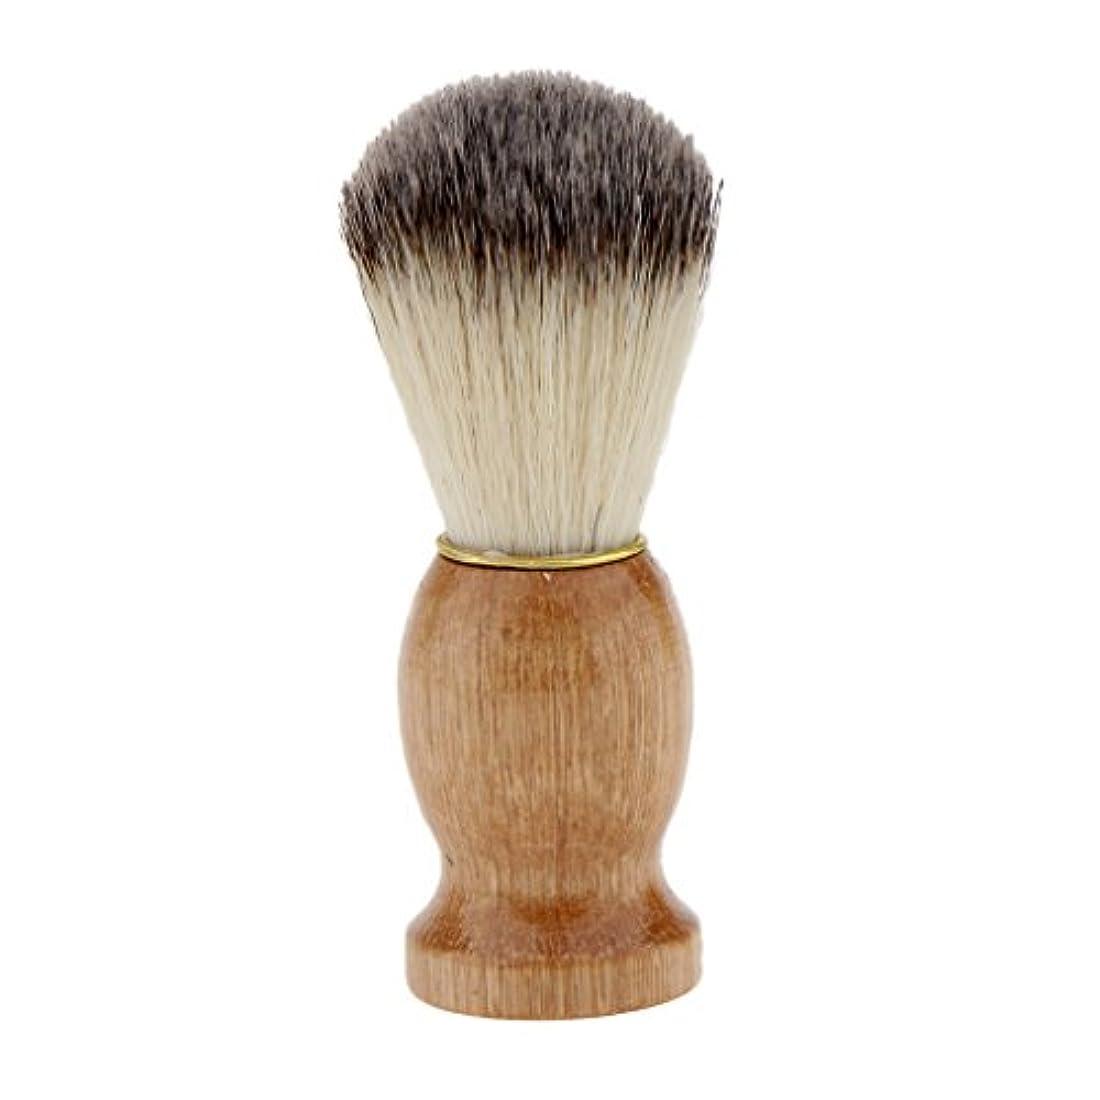 挑む主人する必要があるCUTICATE シェービングブラシ 理容師 シェービングブラシ ひげ剃りブラシ コスメブラシ 木製ハンドル